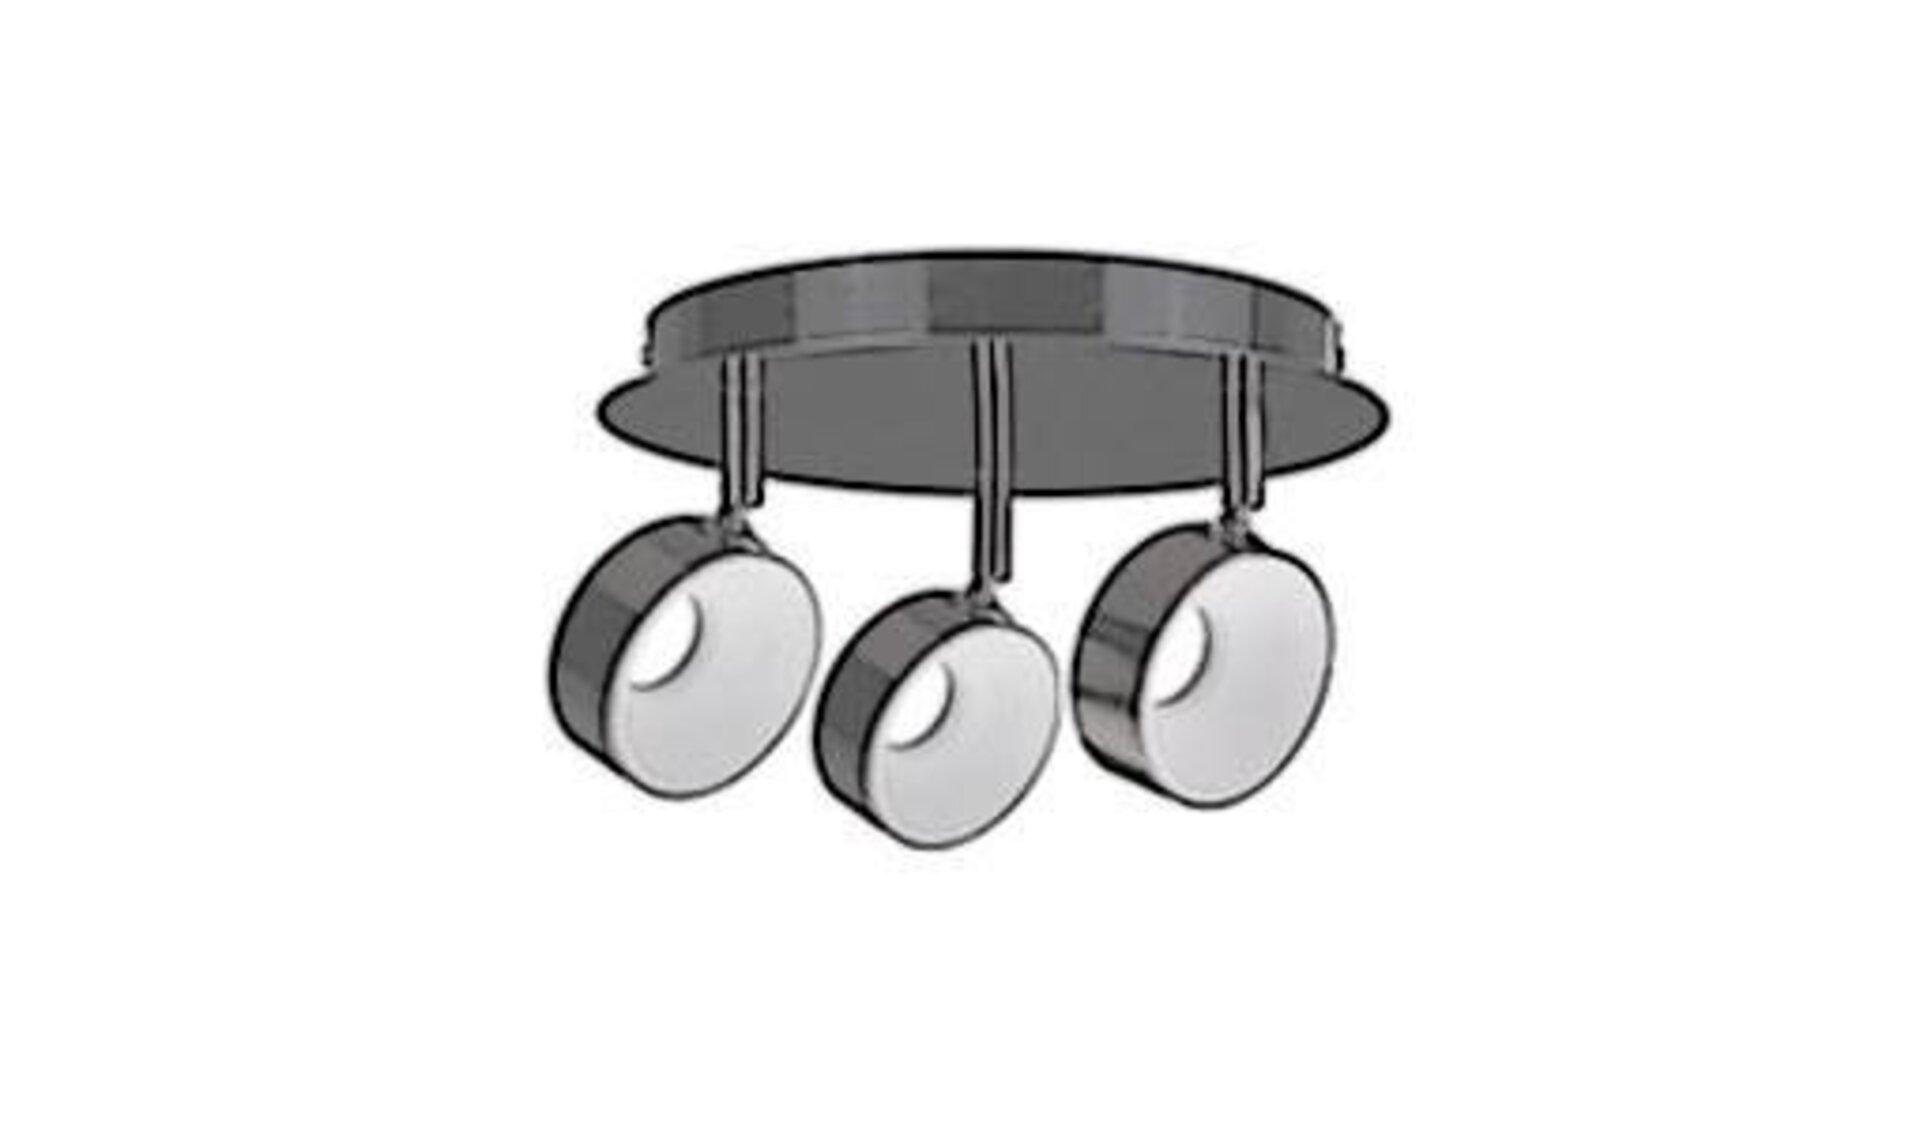 Deckenlampe aus rundem Metallkorpus mit drei drehbaren Leuchten als Synonym für alle Deckenleuchten innerhalb der Produktwelt.